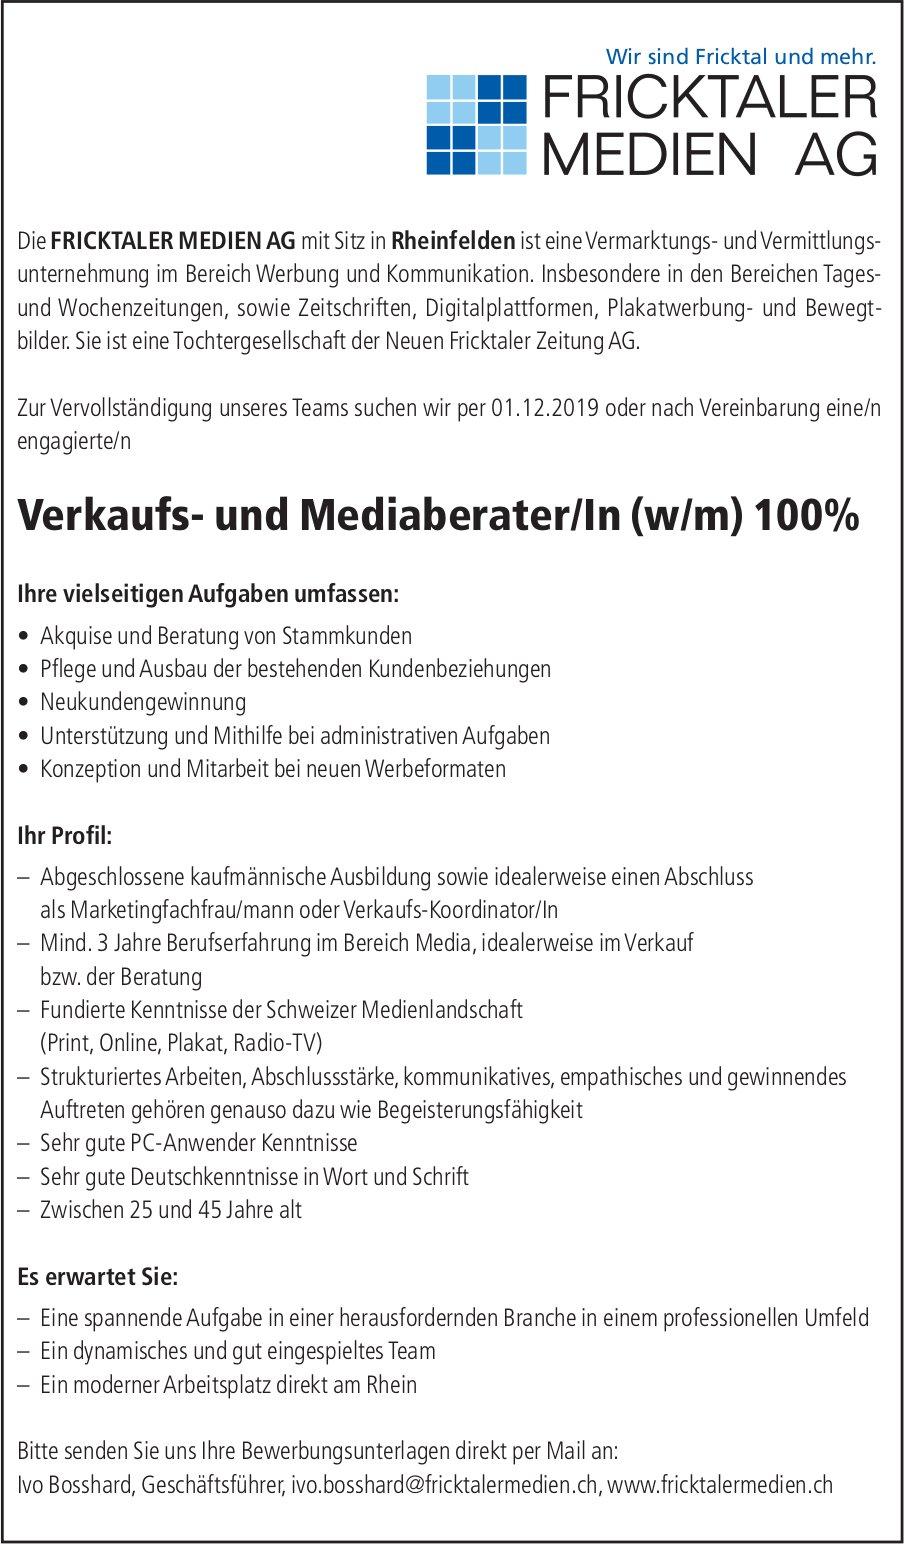 Verkaufs- und Mediaberater/In (w/m) 100% bei Fricktaler Medien AG gesucht